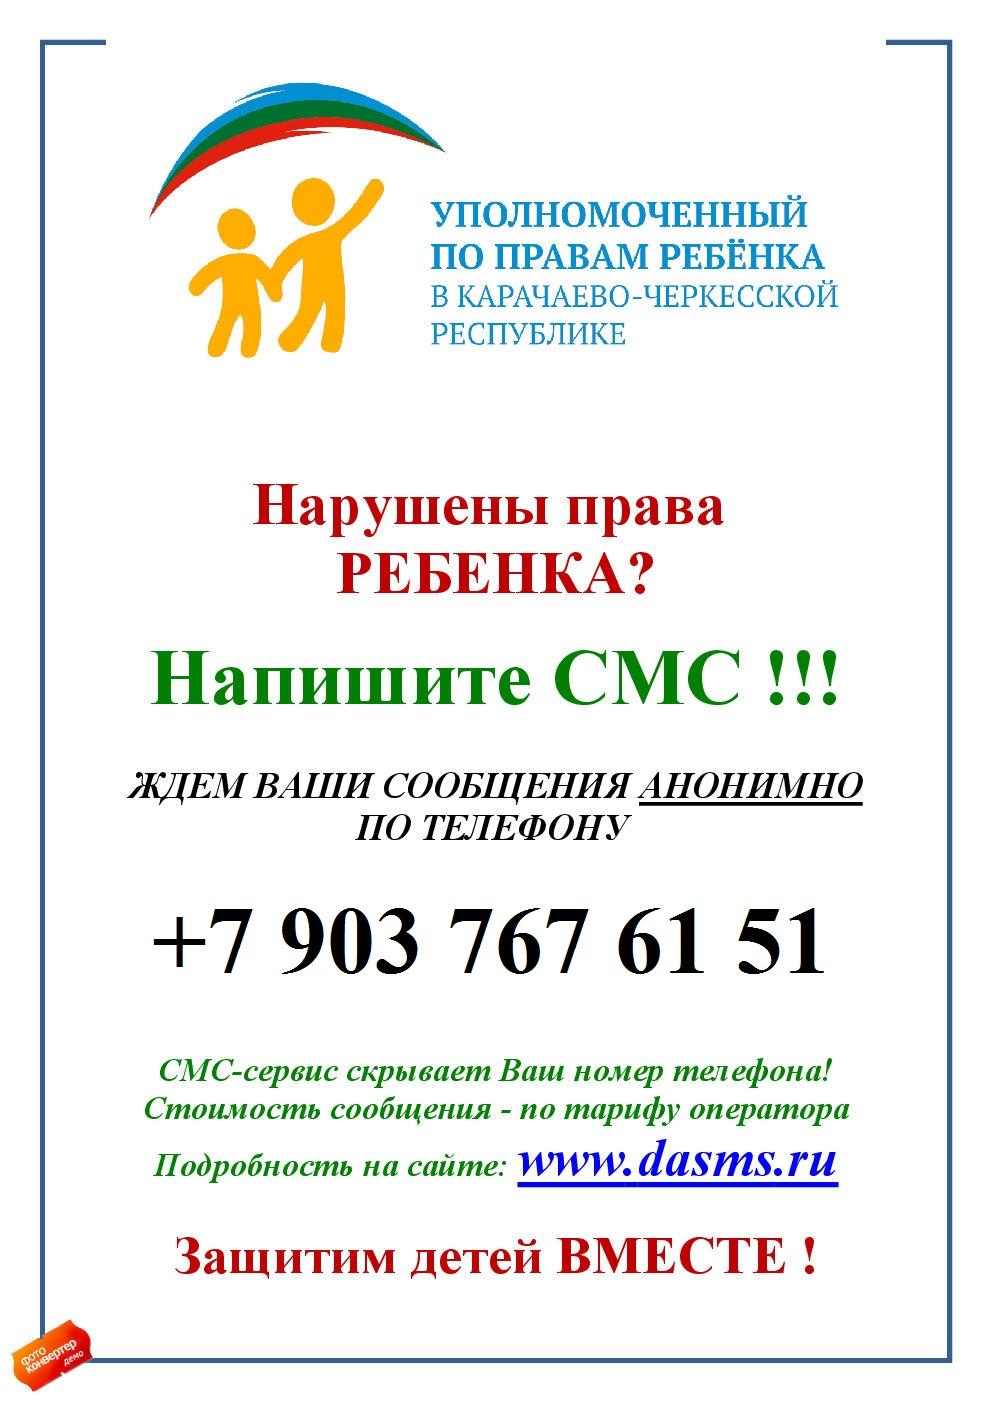 УПОЛНОМОЧЕННЫЙ ПО ПРАВАМ РЕБЕНКА В КАРАЧАЕВО-ЧЕРКЕССКОЙ РЕСПУБЛИКЕ